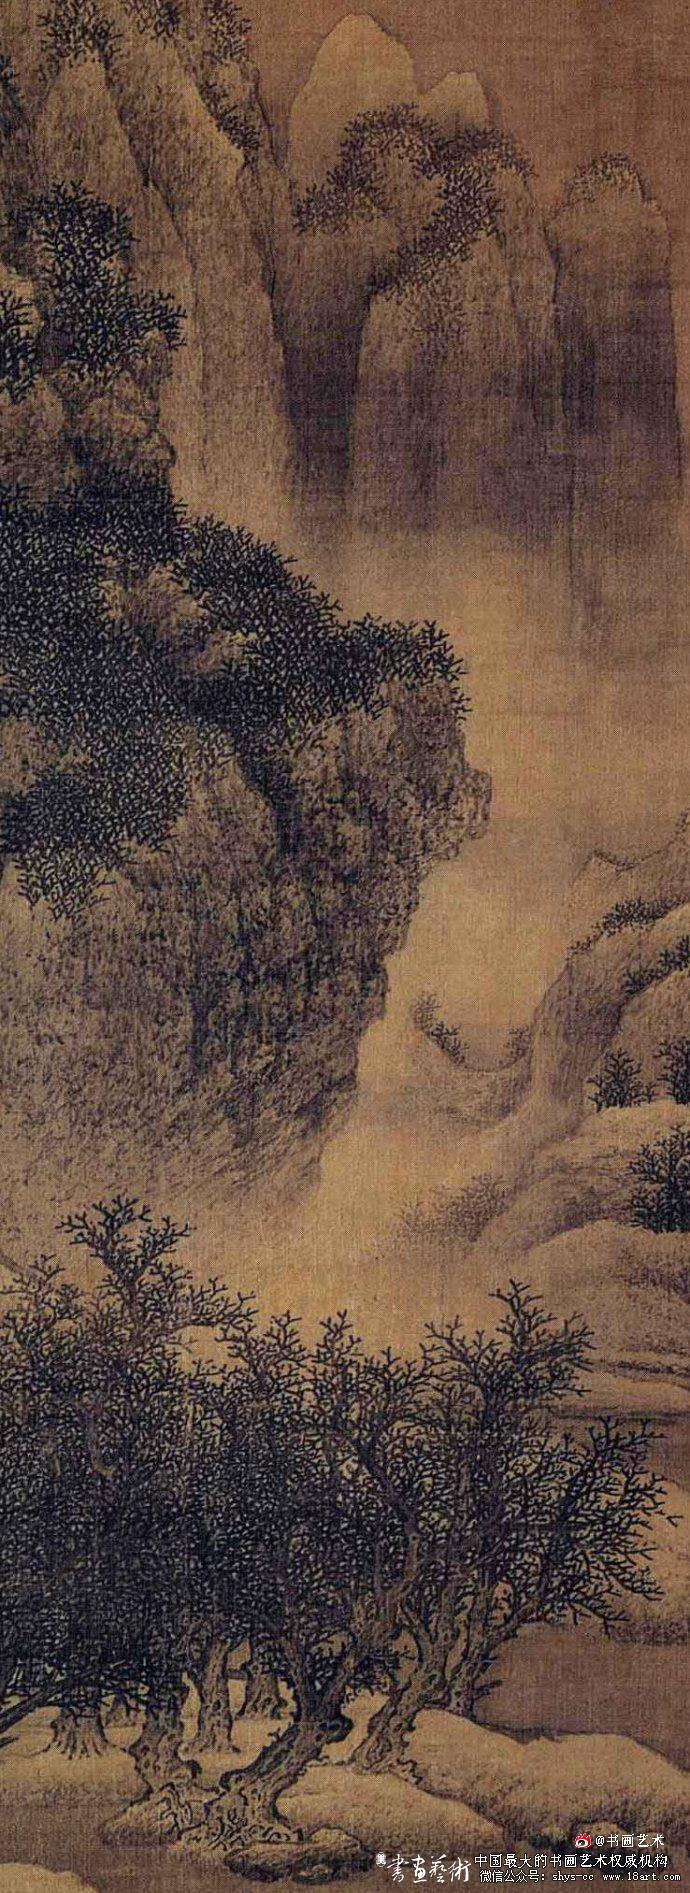 北宋 范宽 雪景寒林图 绢本设色 193.5x160.3cm 天津博物馆藏  局部